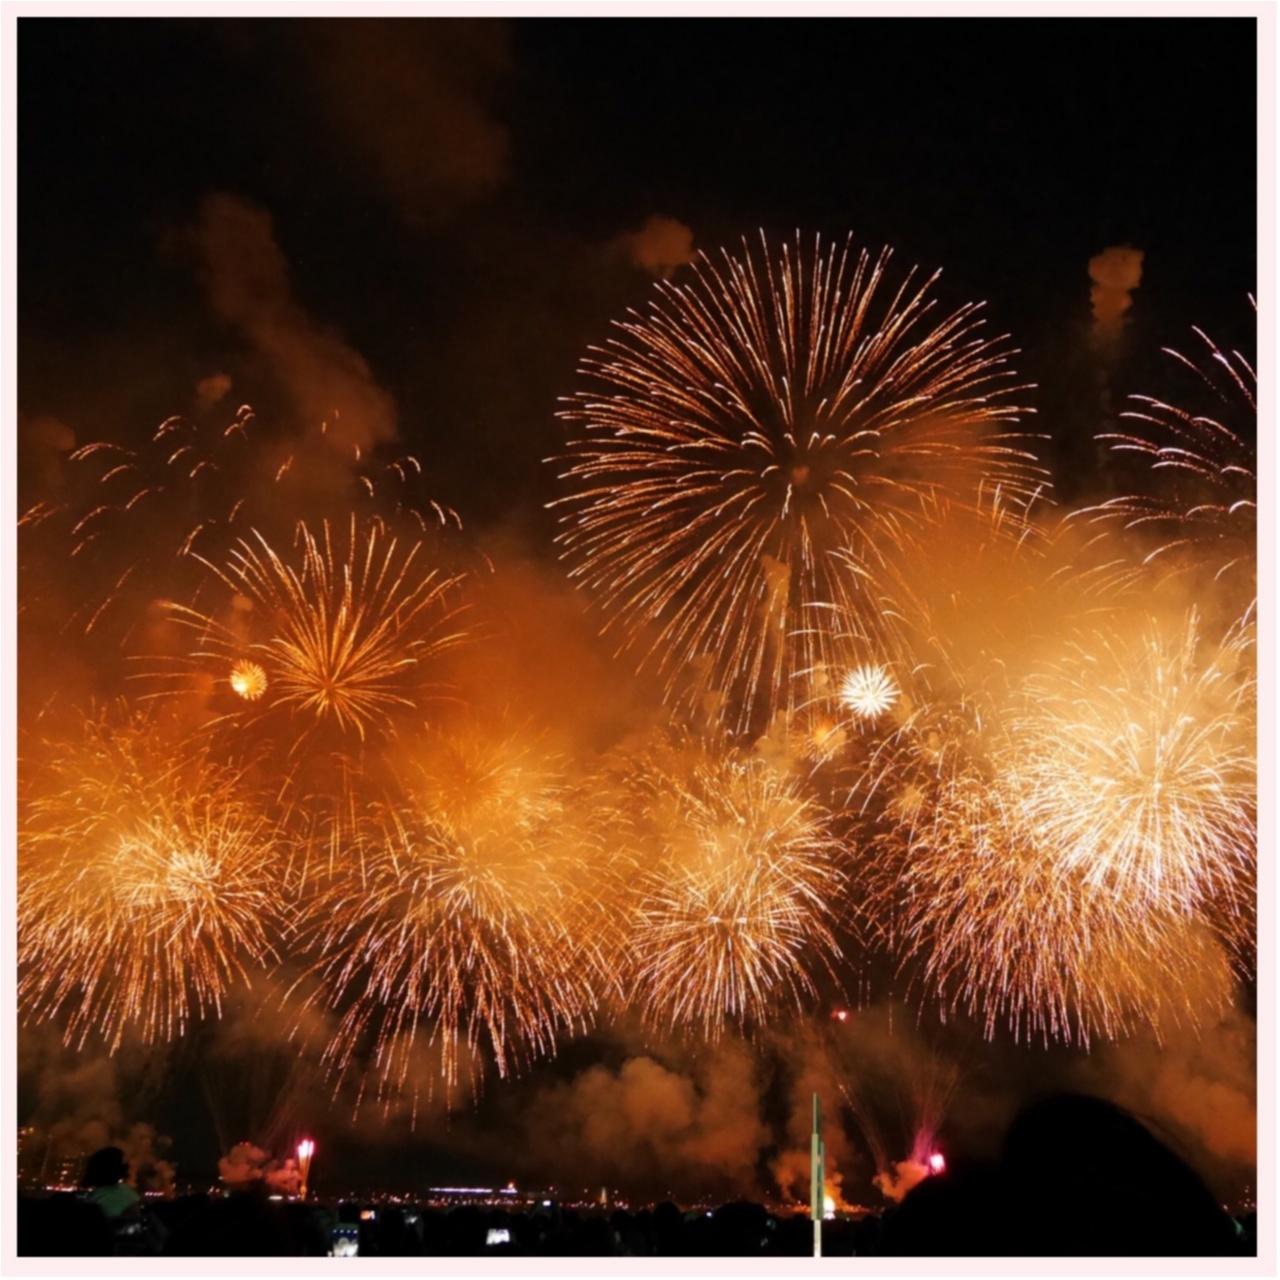 『ユニクロ』『GU』『ZARA』『mystic』のプチプラコーデは外せない! 沖縄・神戸などご当地情報も♡ 今週のモアハピ部人気ランキングトップ5!_1_1